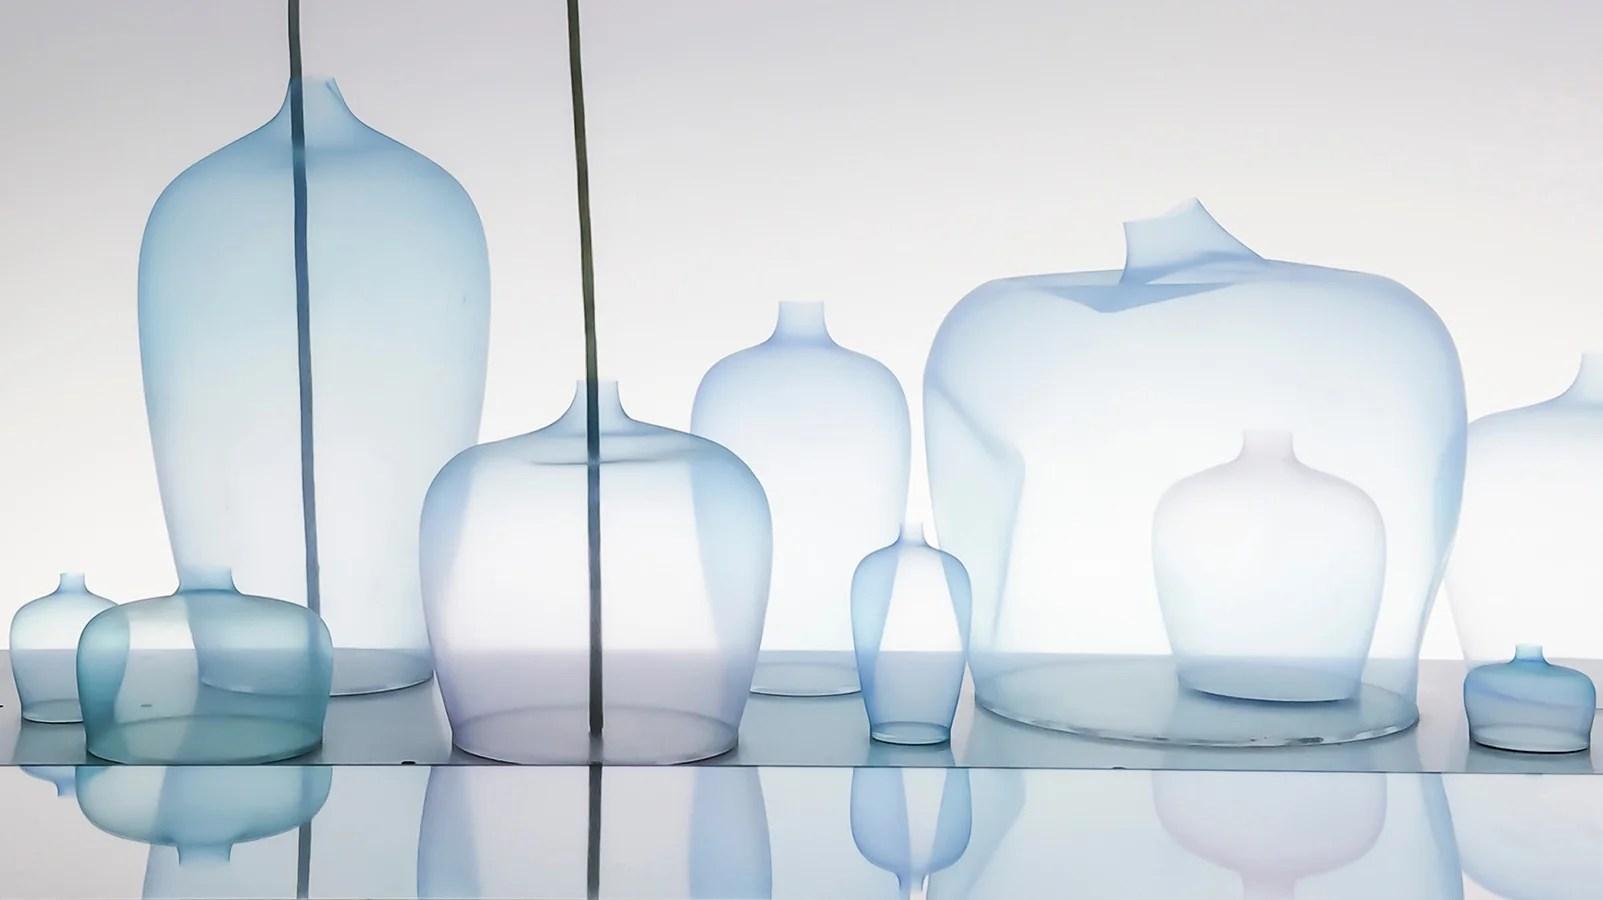 Nendo, Treinta jarrones de silicona ultradelgada ondean dentro de un acuario lleno de agua. La instalación Jellyfish, de Nendo, invierte la noción tradicional de un florero. Por medio de una corriente de aire controlado, la maleabilidad de la silicona descompone el uso tradicional del objeto.